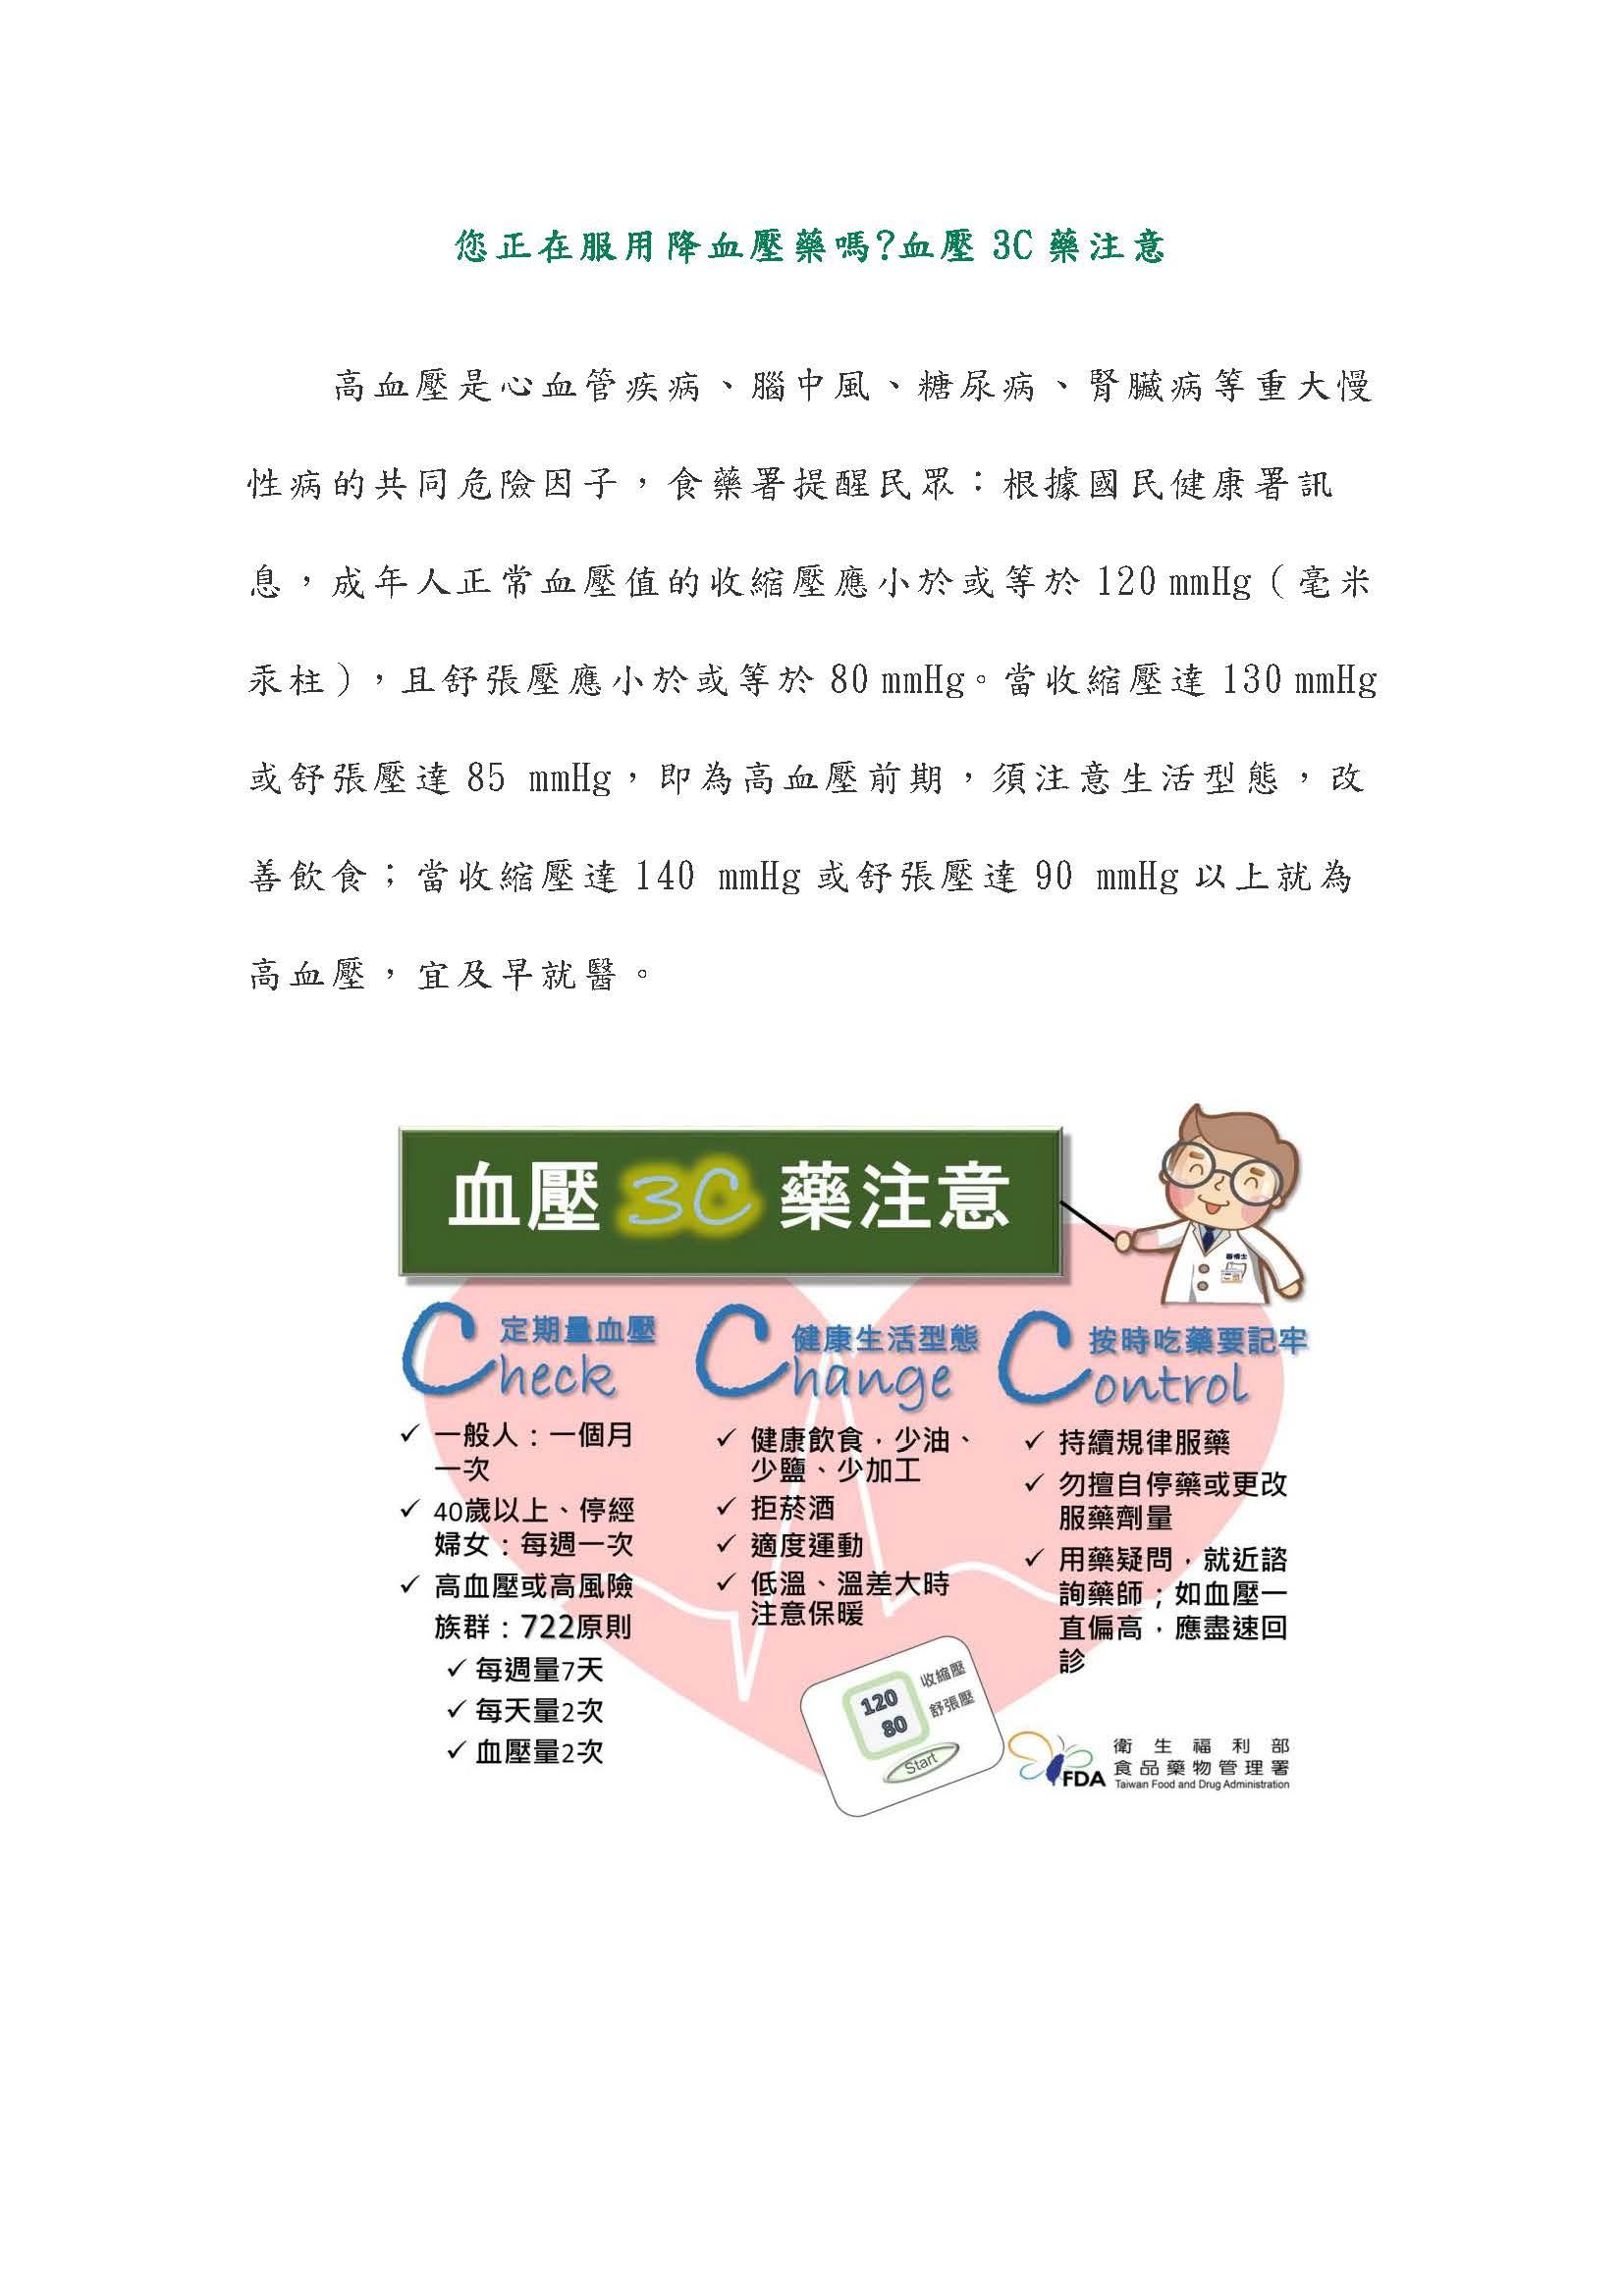 �局最新�z消息_�面_1.jpg